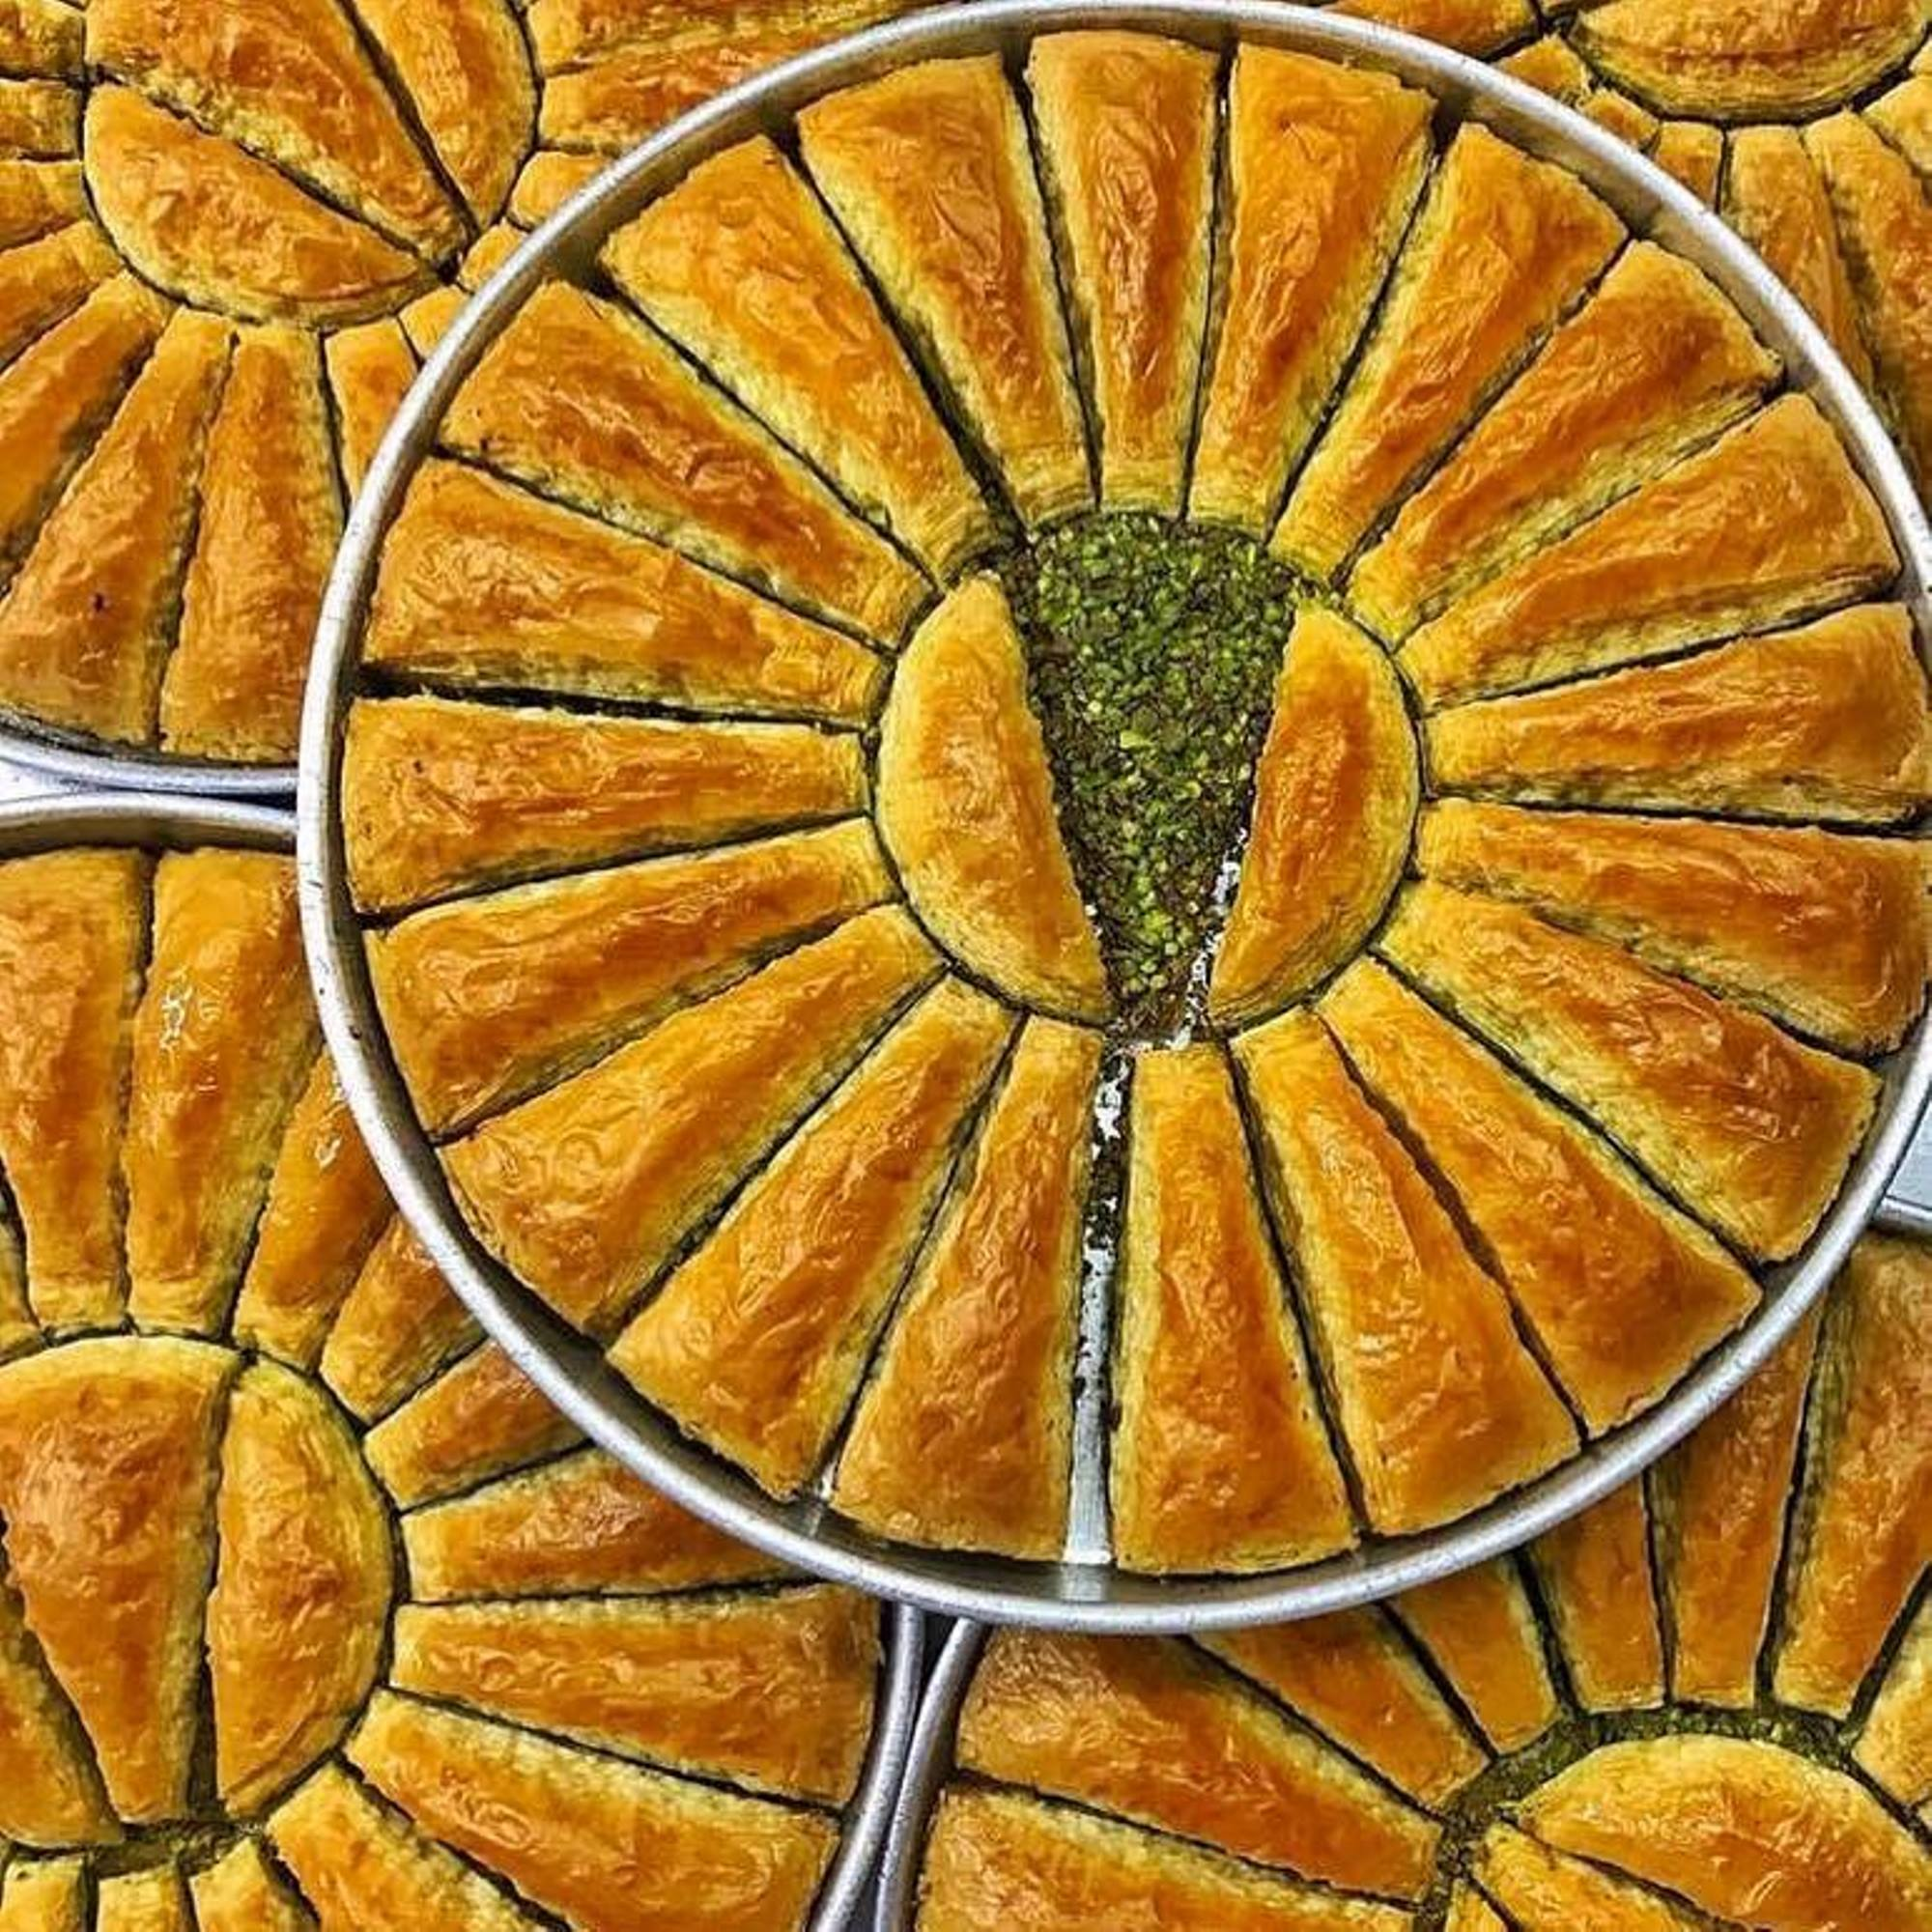 التقليدية الطازجة لذيذ التركية الجزرة شريحة البقلاوة مع الفستق الحلوى العلامة التجارية الشهيرة التركية البقلاوة